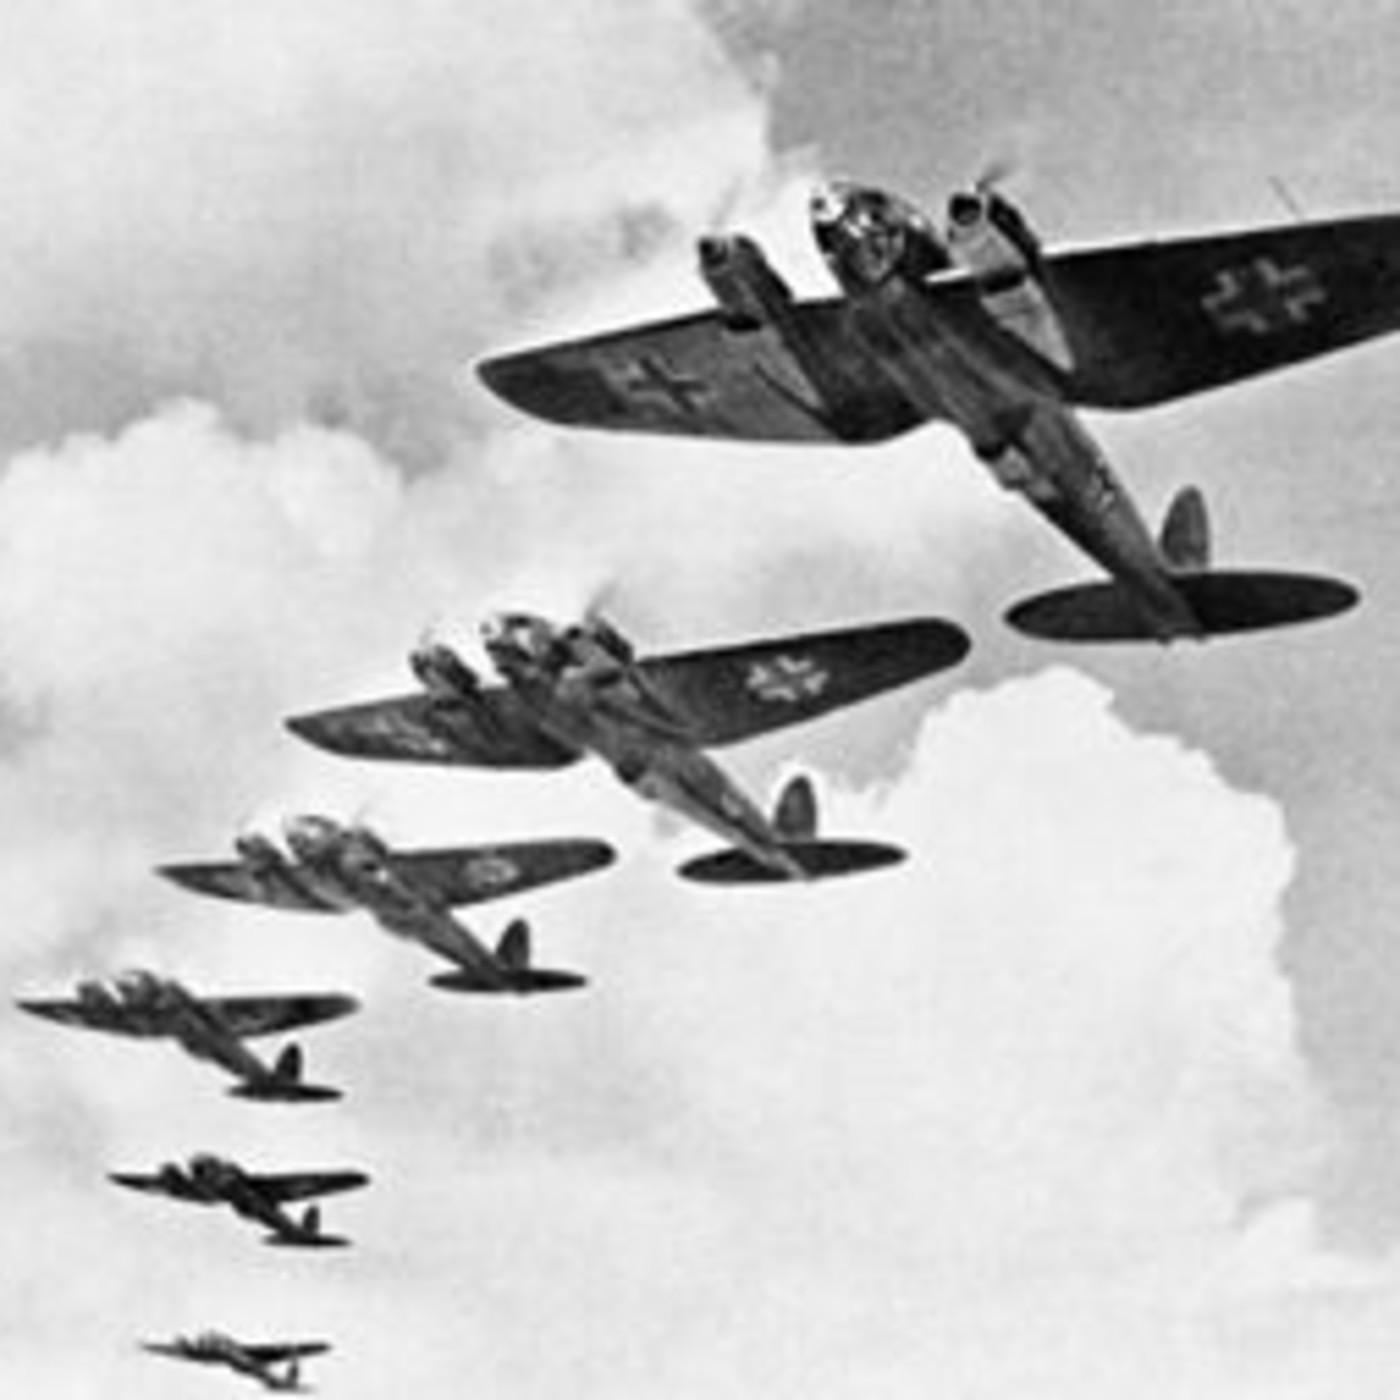 Las Pruebas Perdidas De La Batalla De Inglaterra En Documentales Sonoros En Mp3 26 07 A Las 13